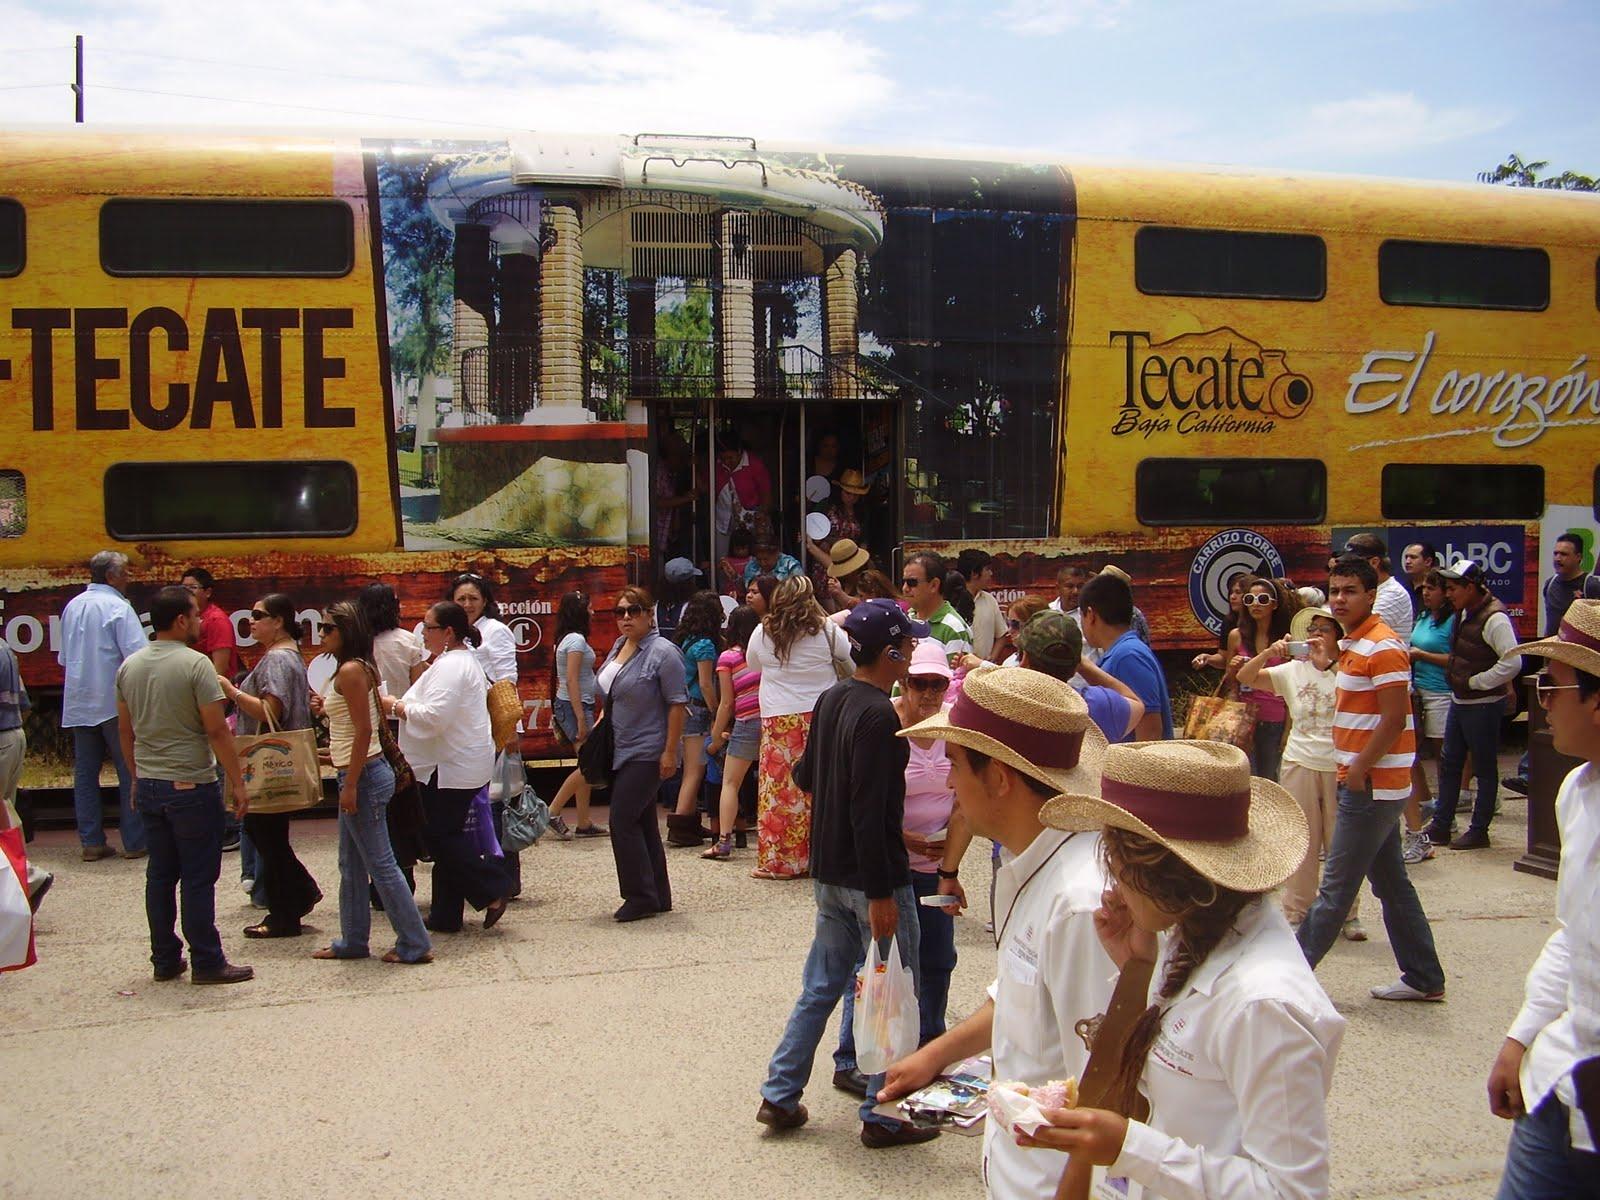 Resultado de imagen para tren turistico tijuana tecate